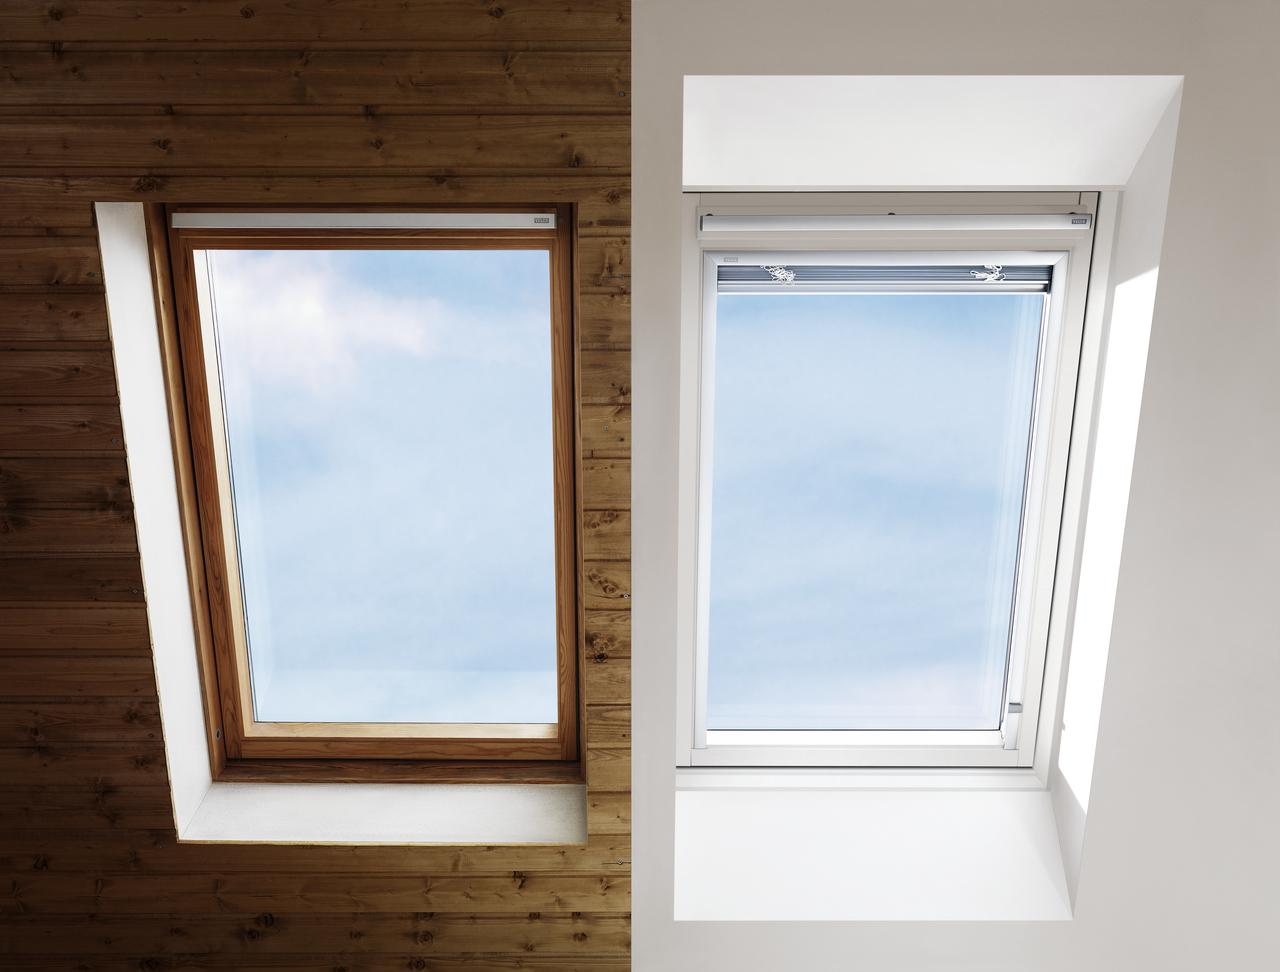 Lavori in mansarda a primavera sostituire le vecchie finestre per tetti - Guarnizioni finestre vecchie ...